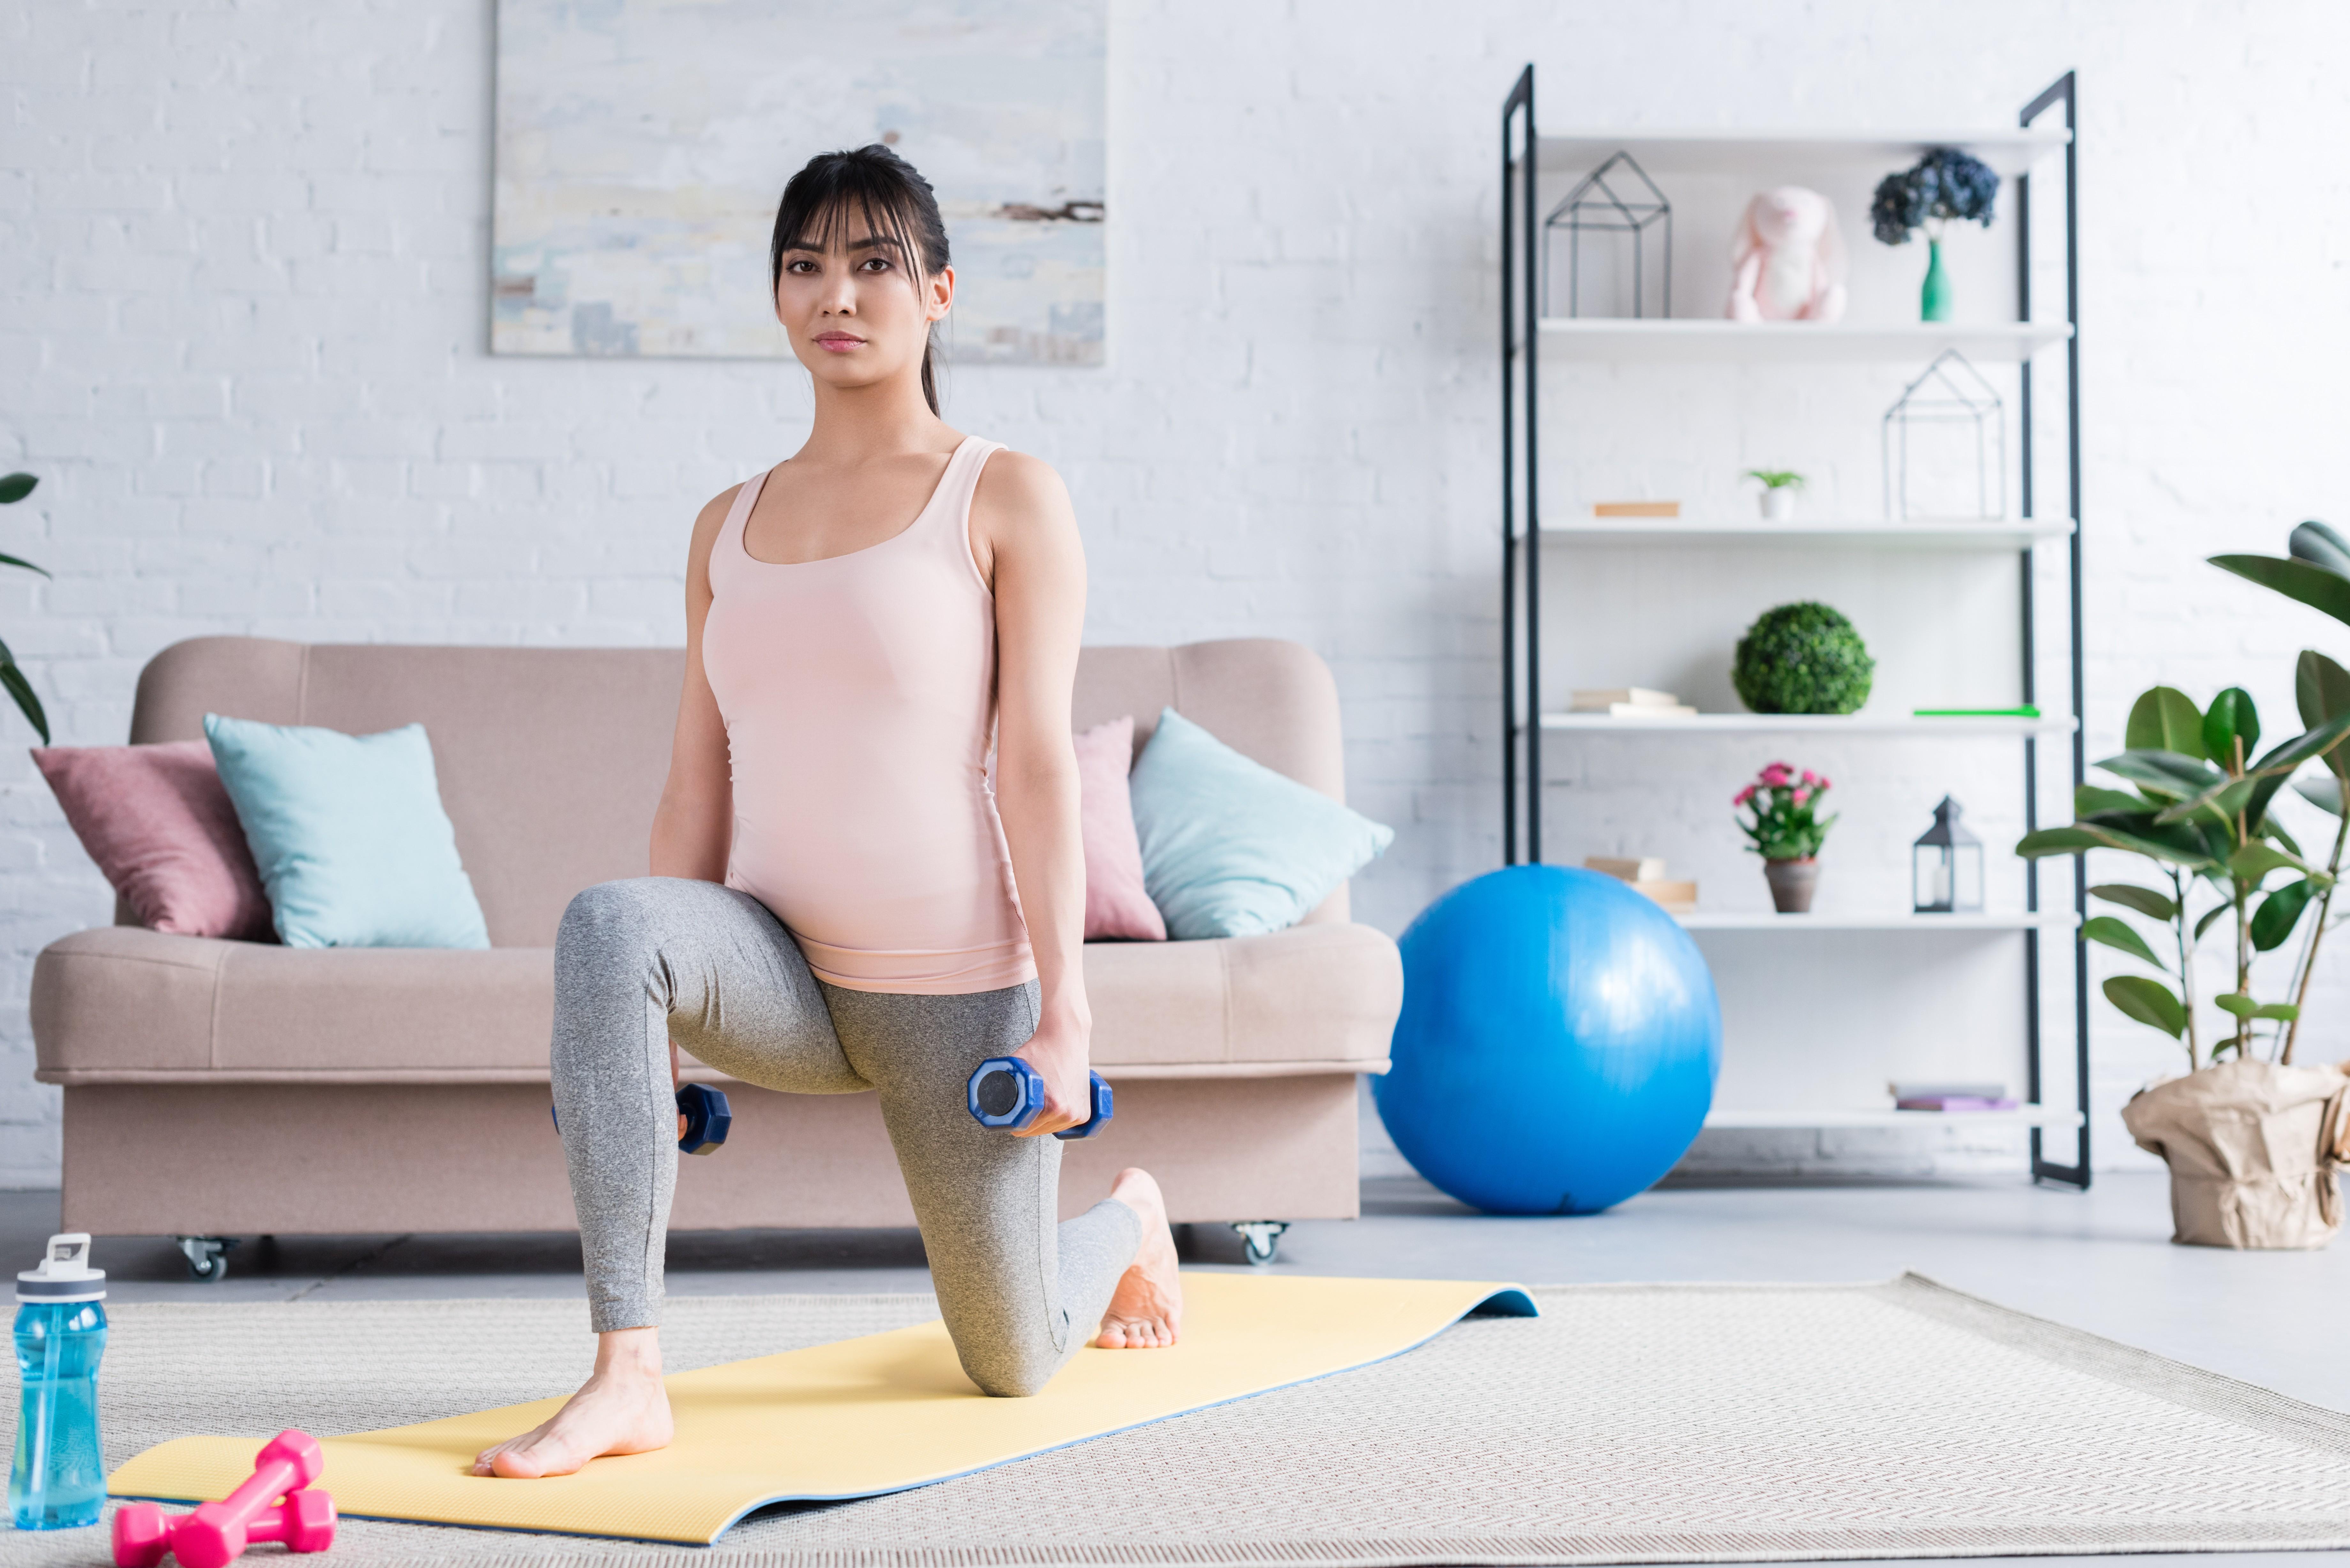 gumnastiki | blog